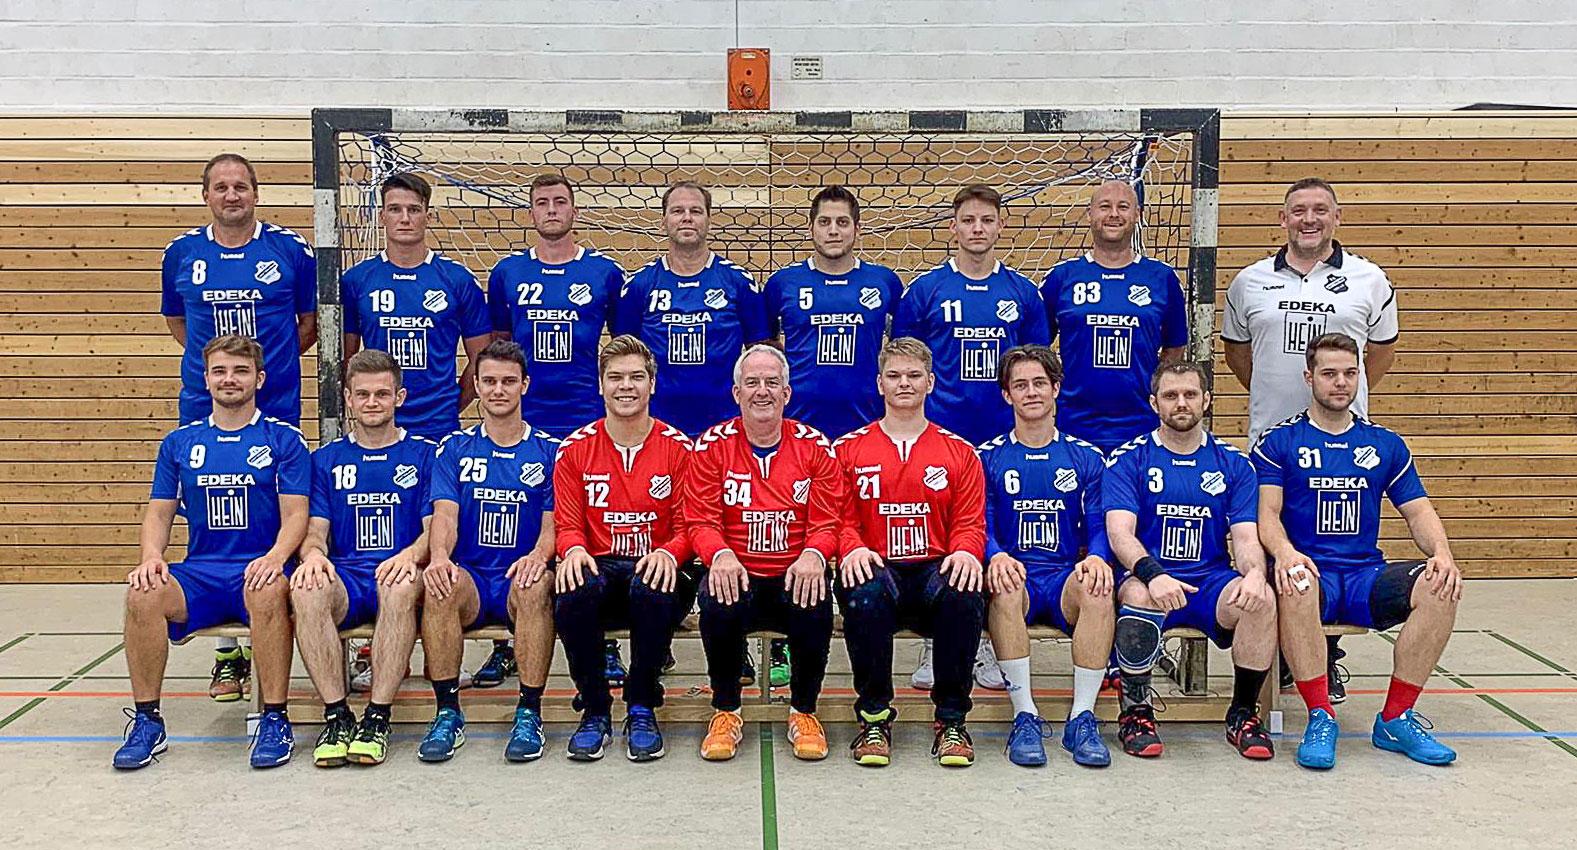 Teamfoto TV Jahn Köln-Wahn - 2. Herren - Saison 2020/2021